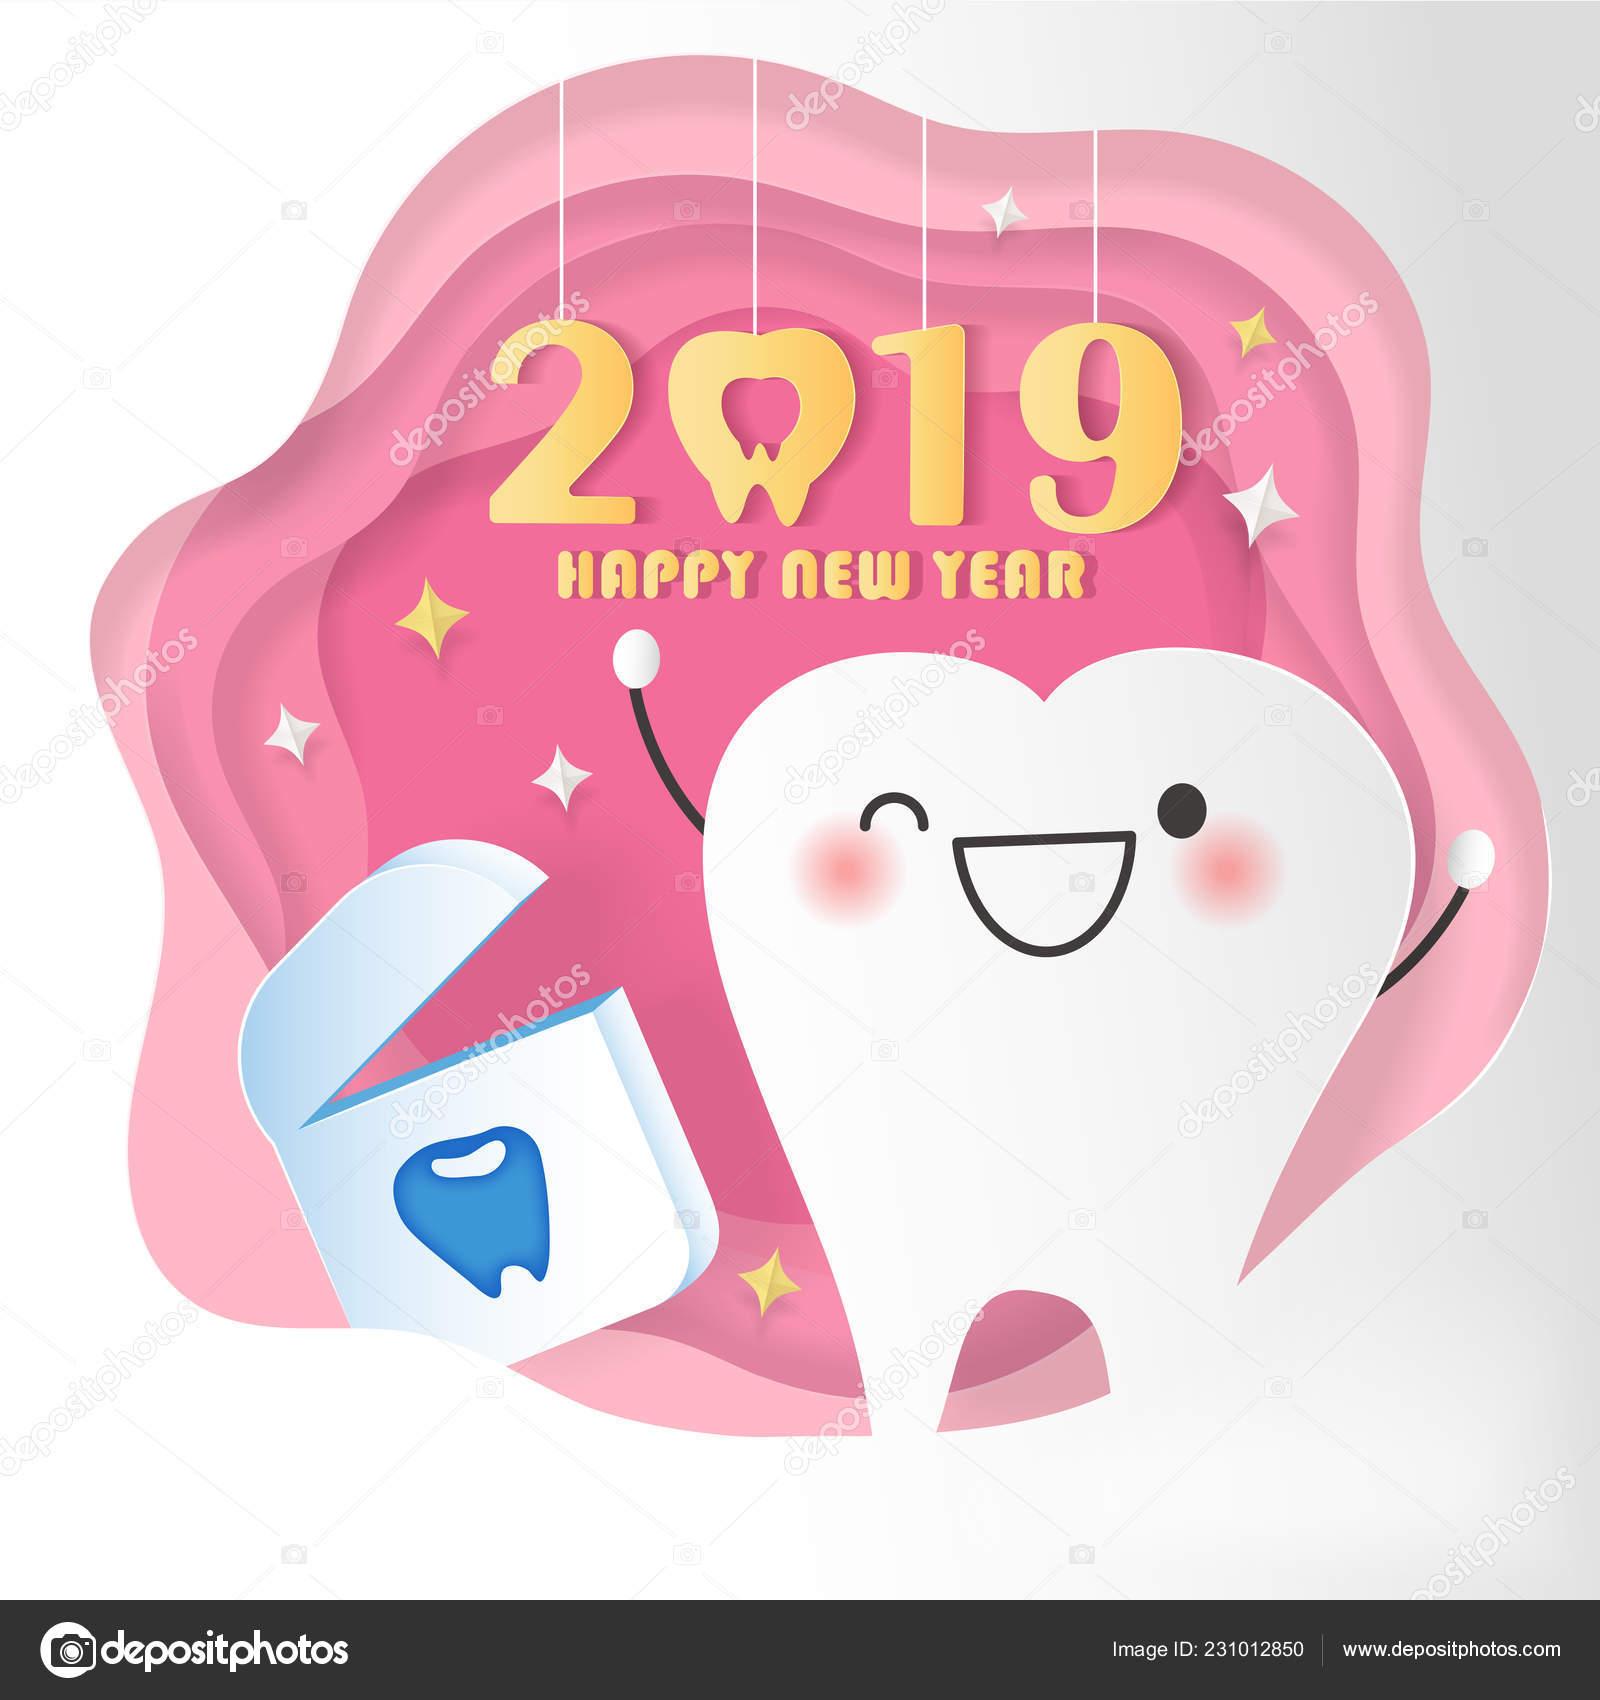 Feliz Ano Novo Conceito Desenho Dentes Fio Dental Com 2019